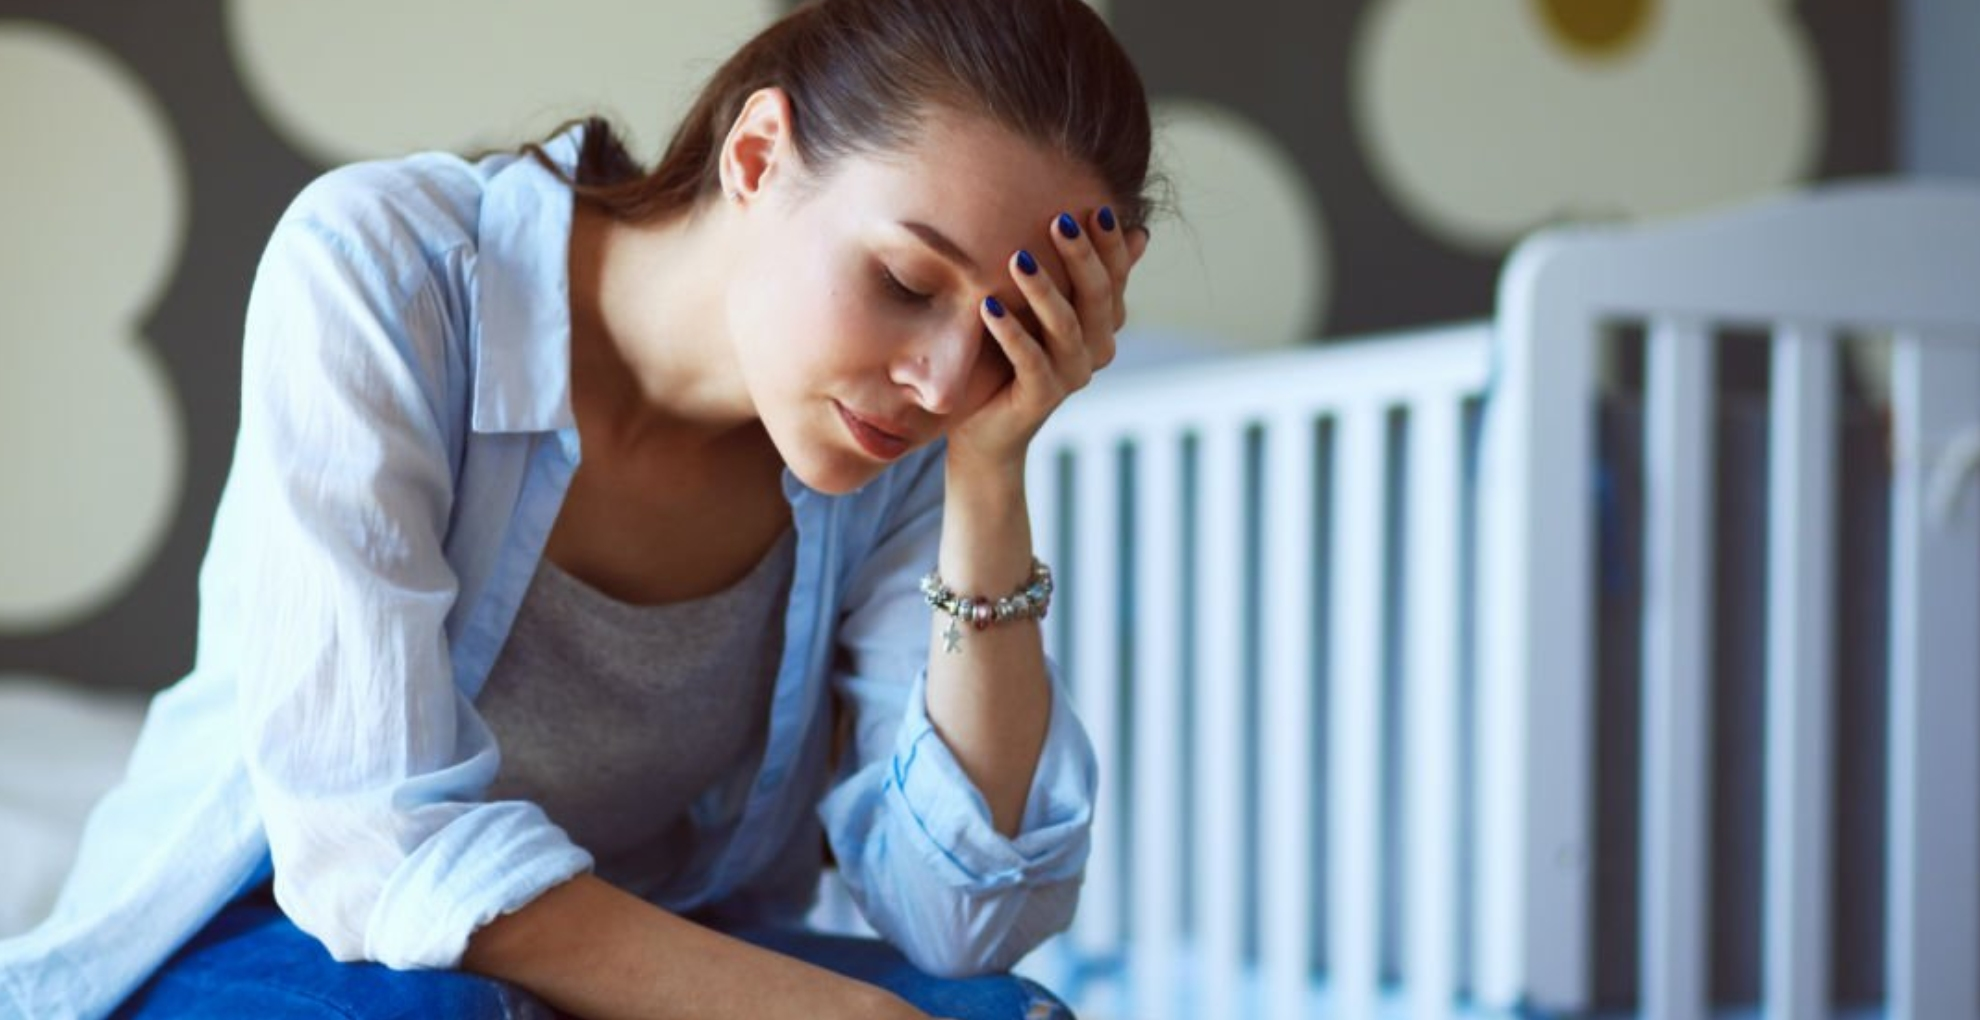 Health Tips: आयरन की कमी से हो सकते हैं कई नुकसान, जानिए इसके कारण, लक्षण और बचने के उपाय